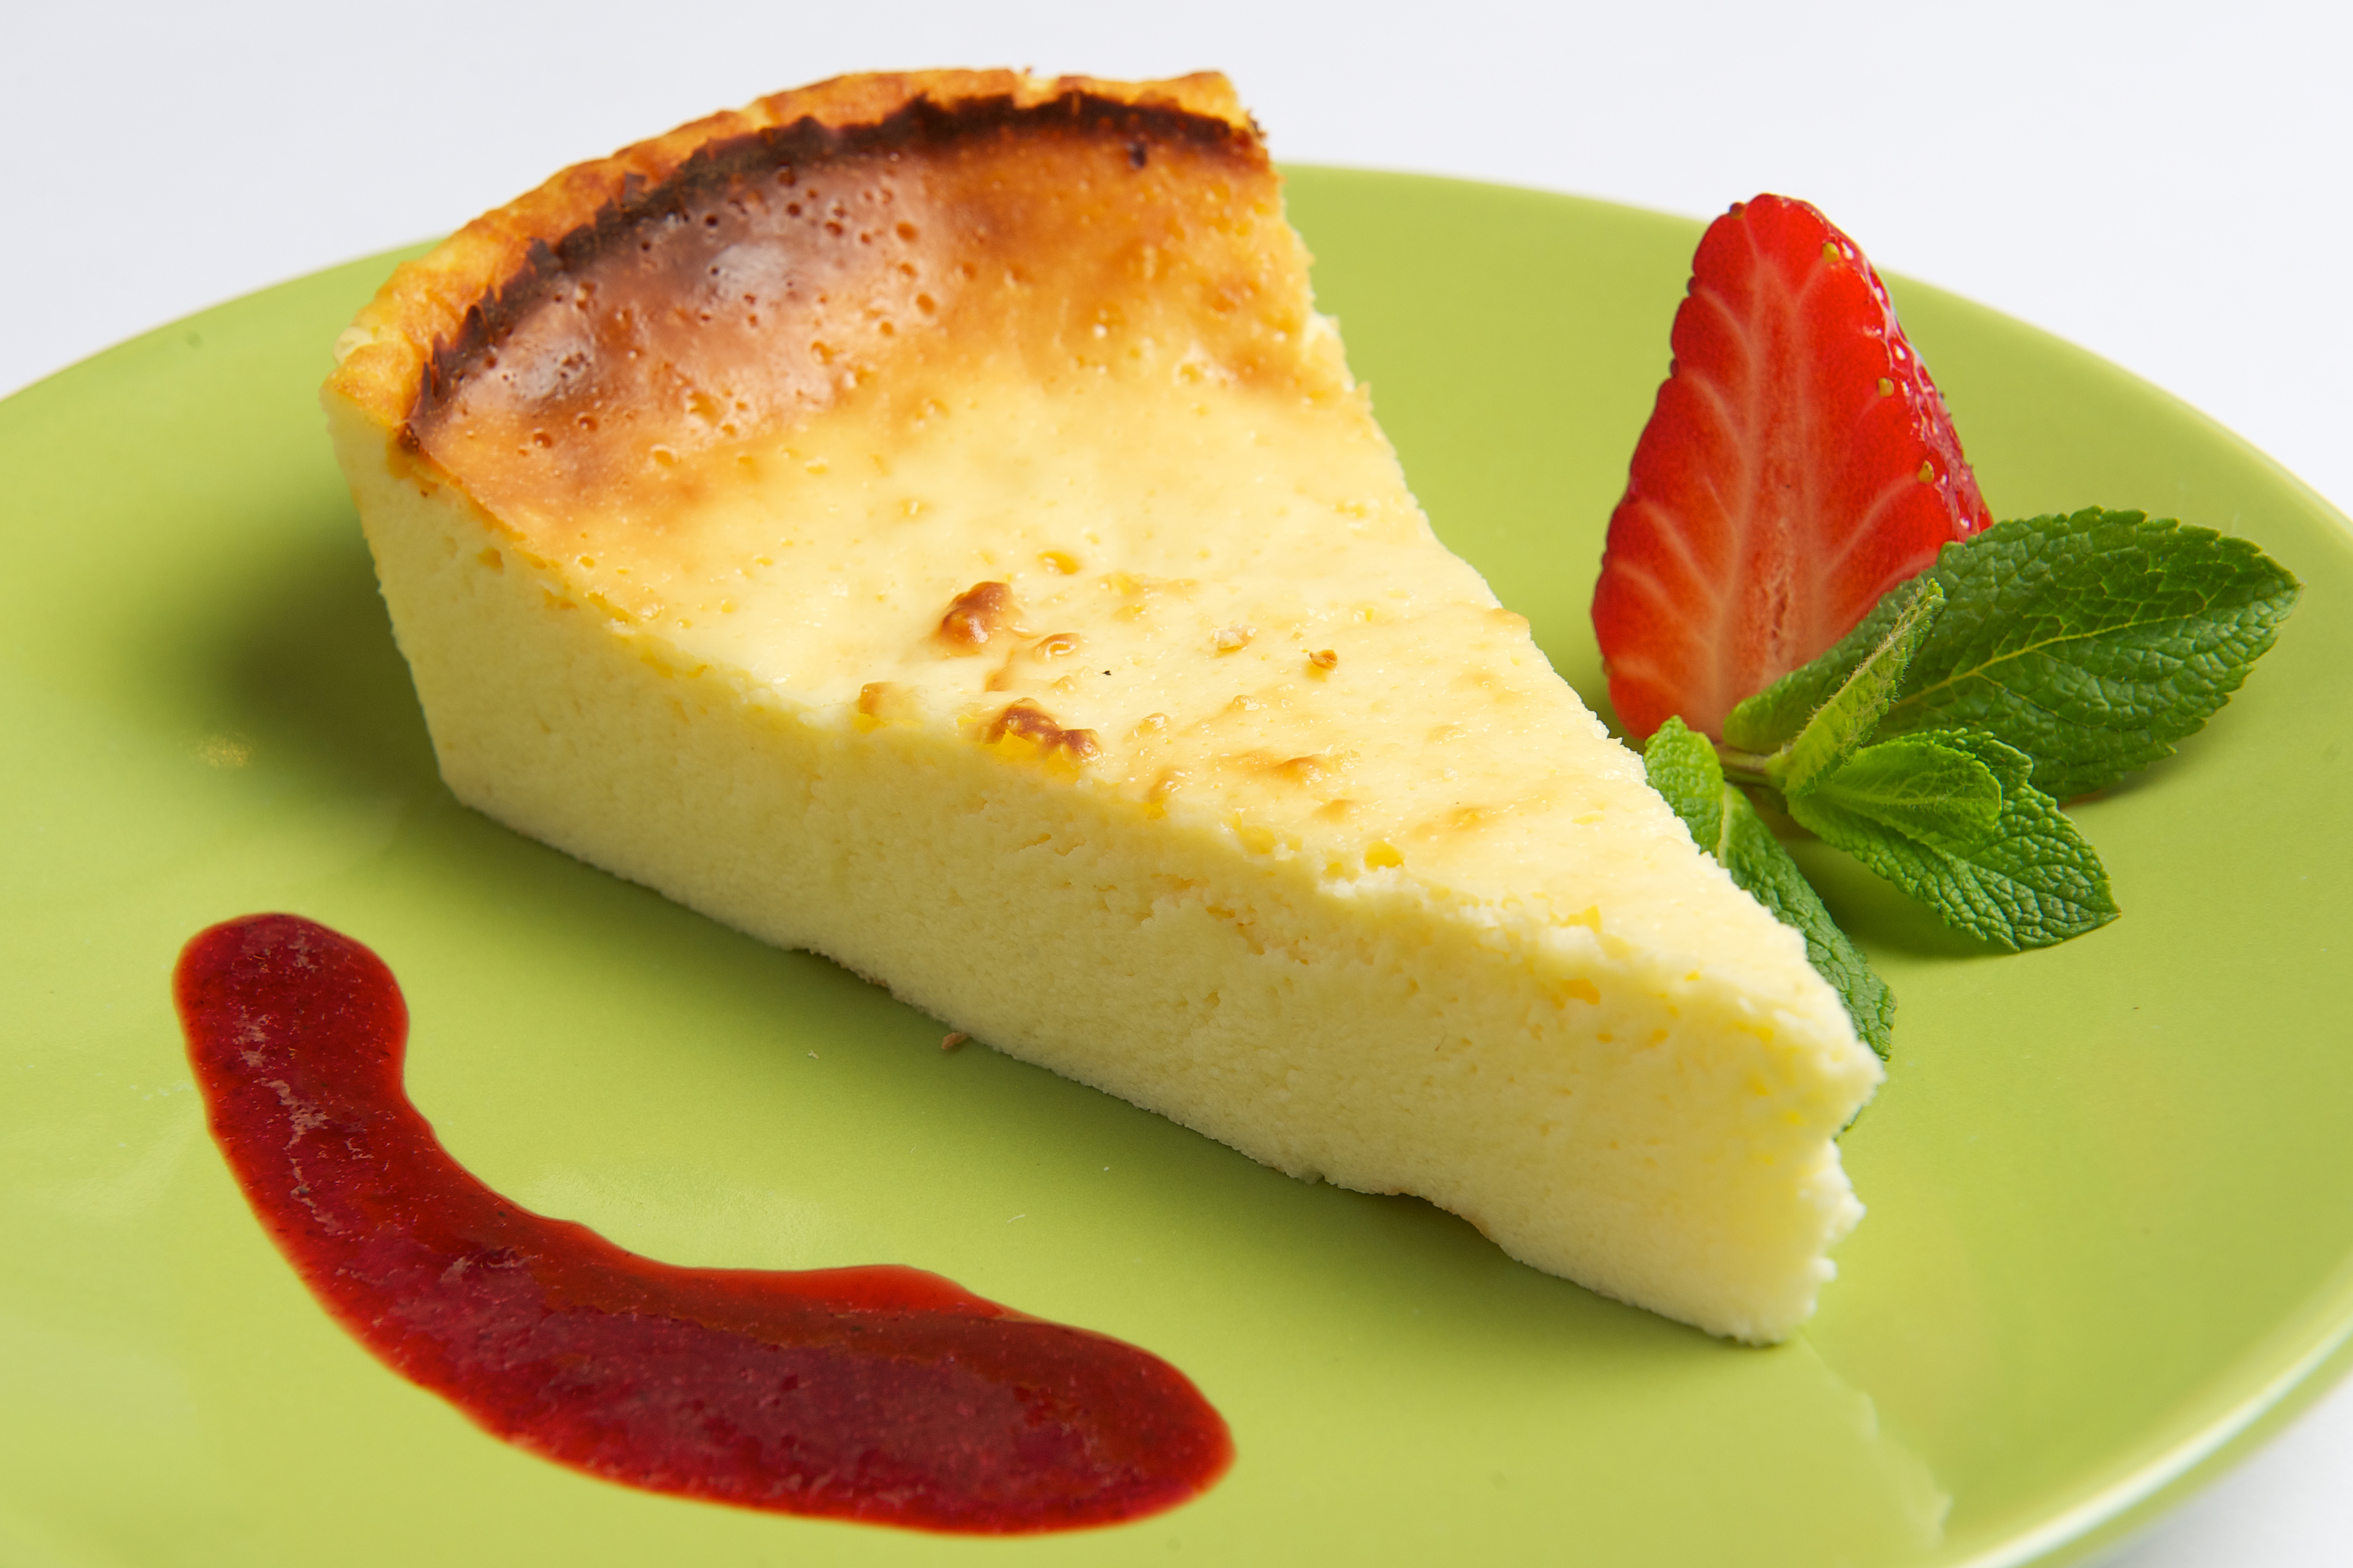 sogeres-cheese-cake-cheesecake